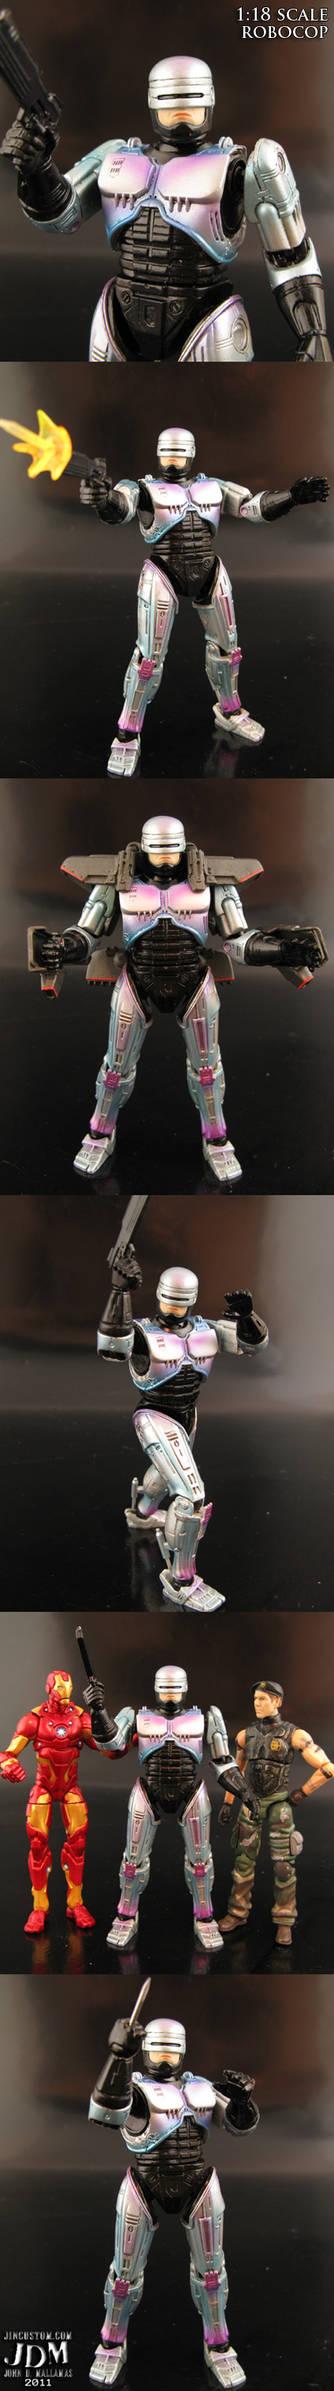 1:18 Robocop Figure